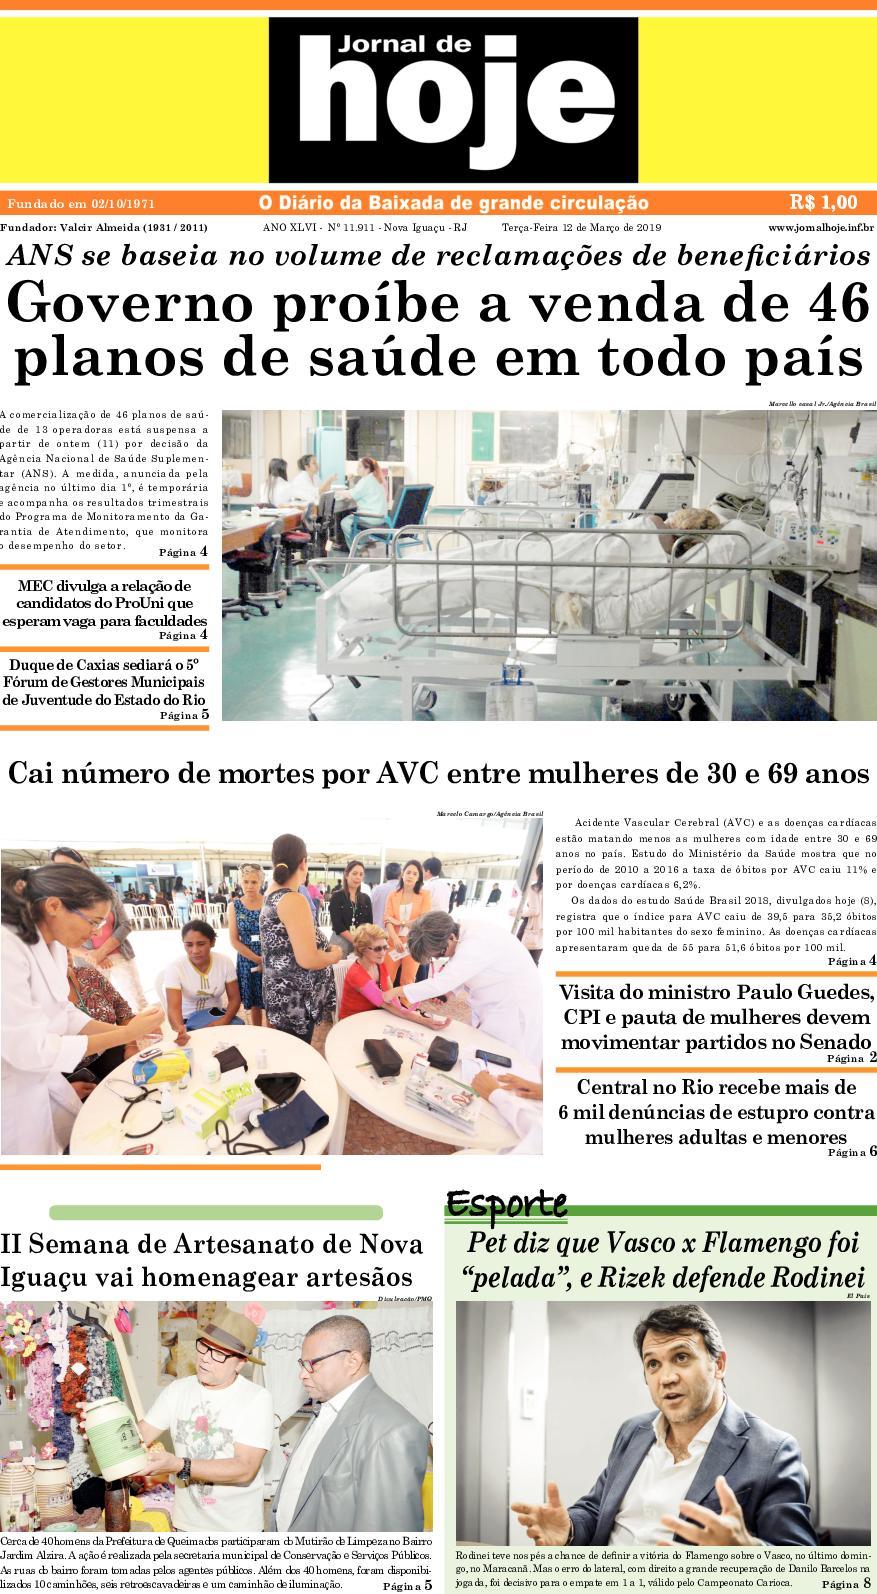 Andressa Ribeiro Pelada calaméo - jornal de hoje 120319